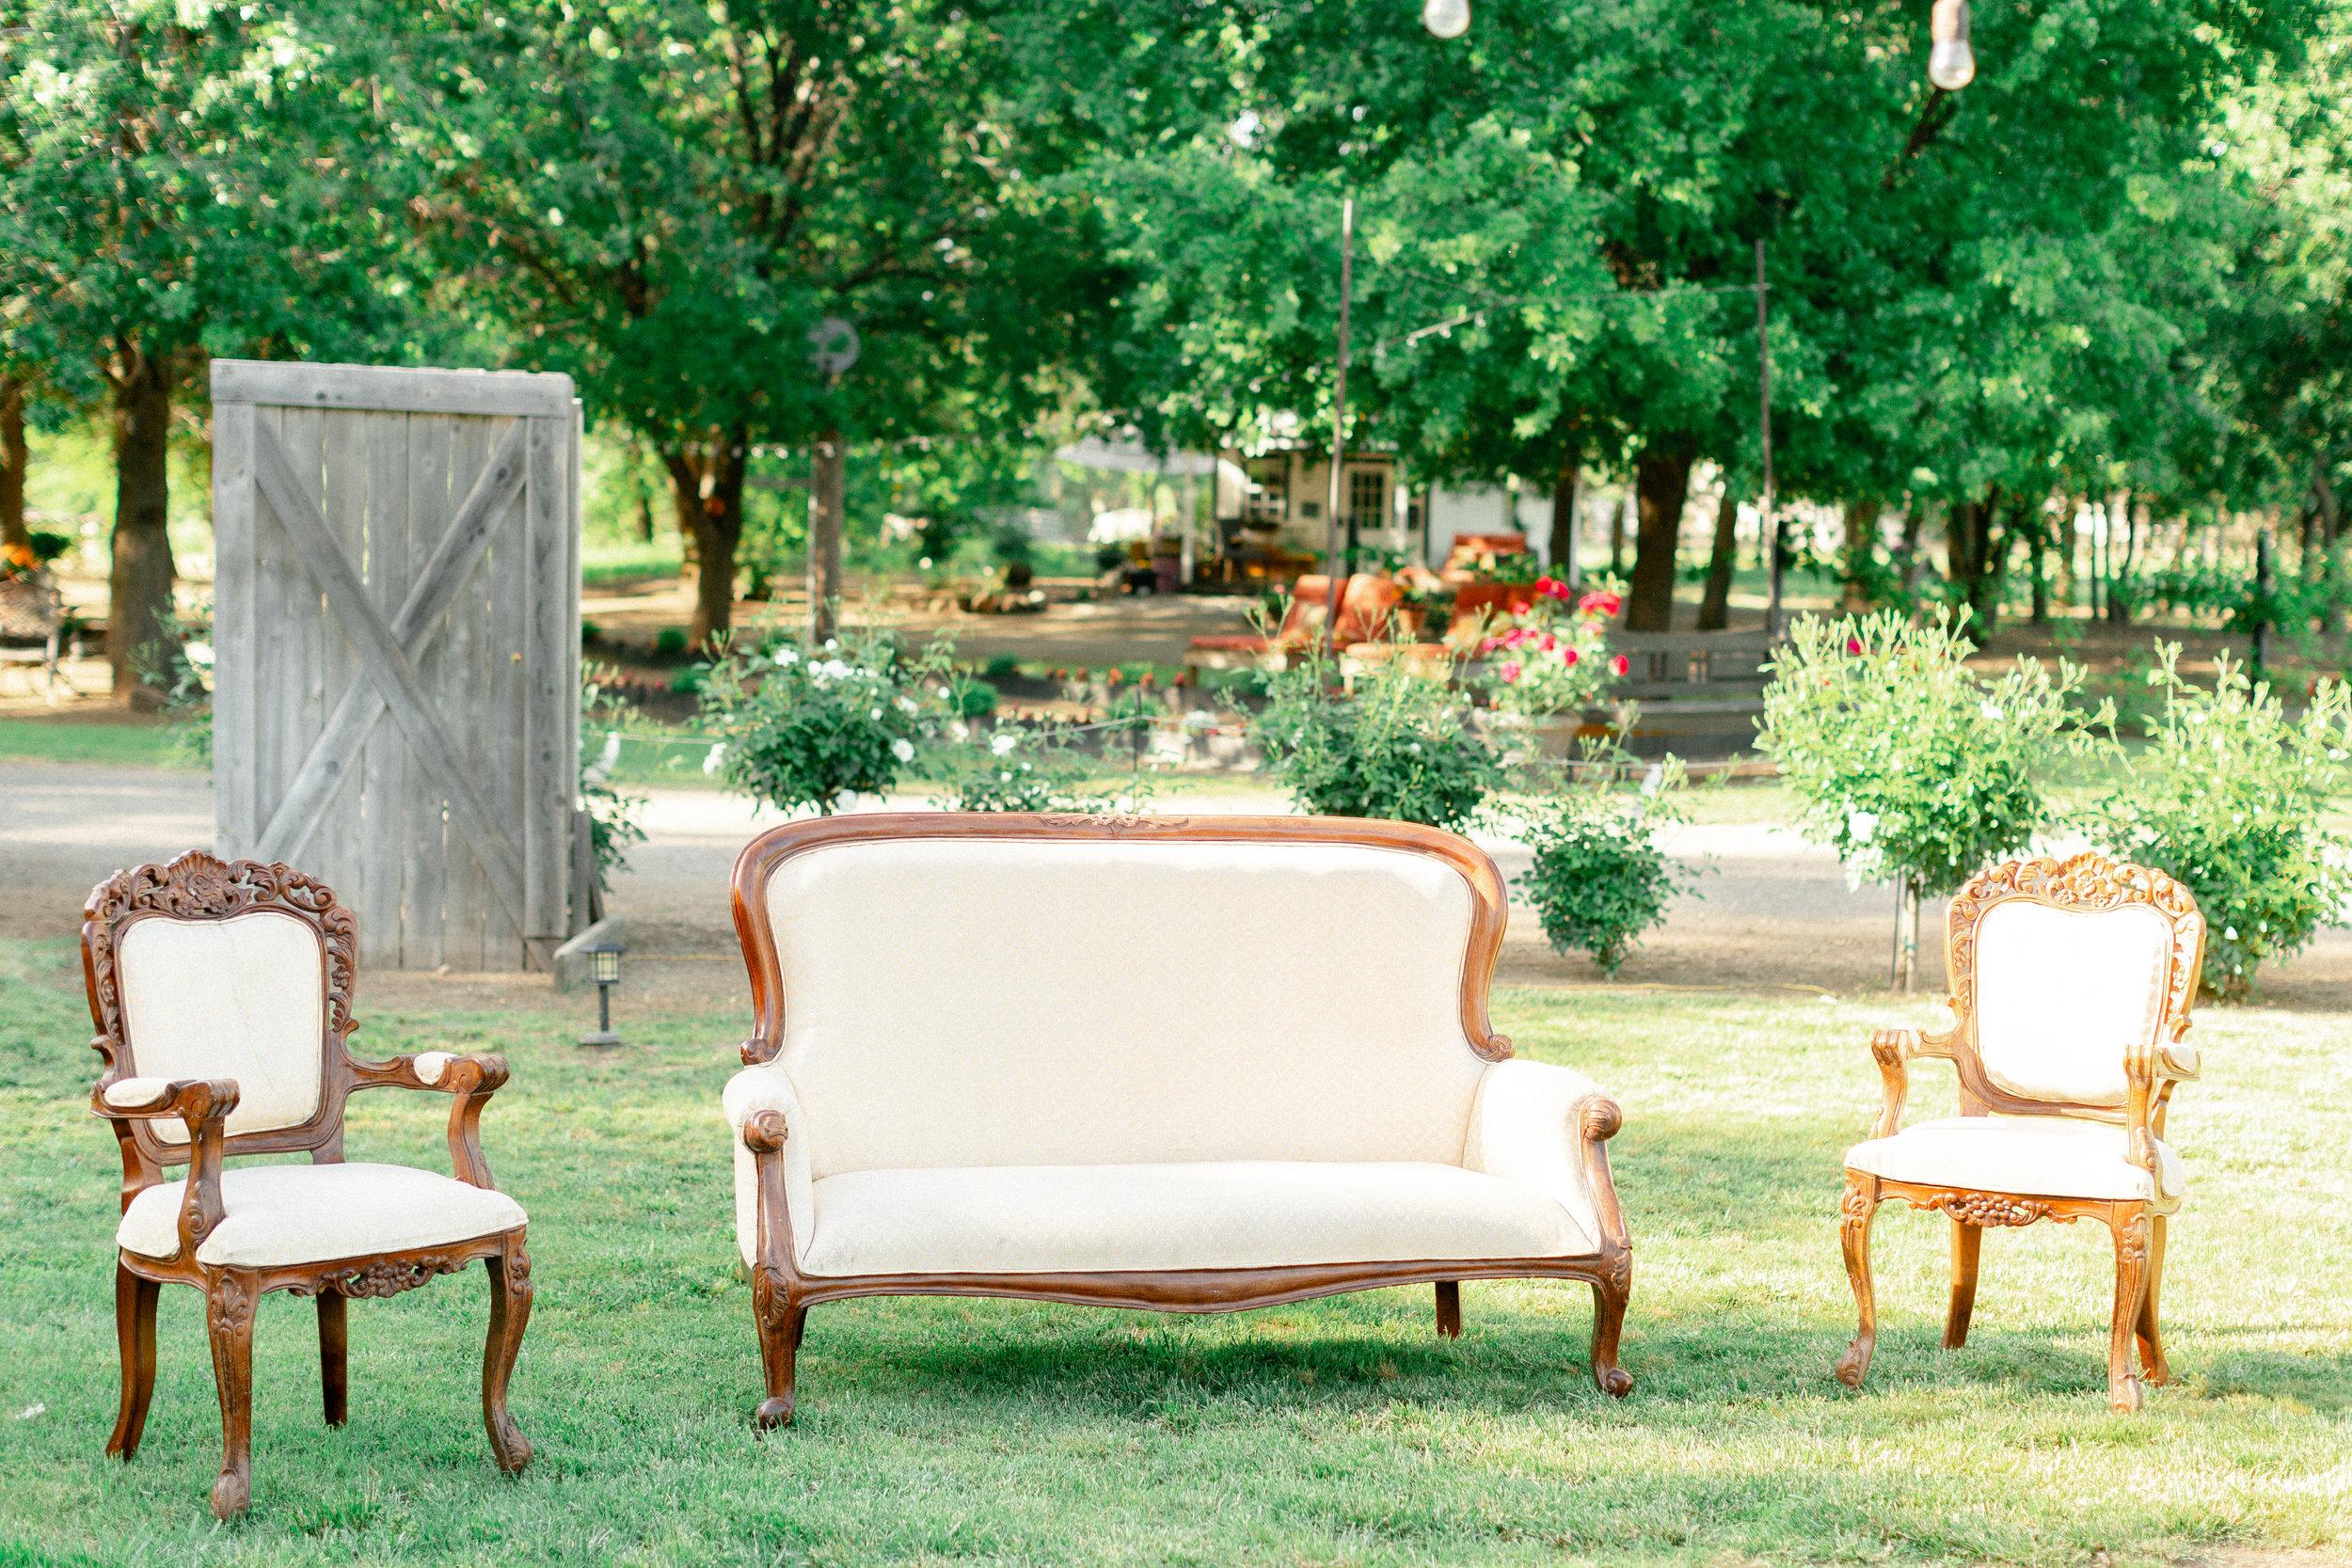 outdoor-wedding-reception-at-bella-rosa-farms-chico-ca.jpg